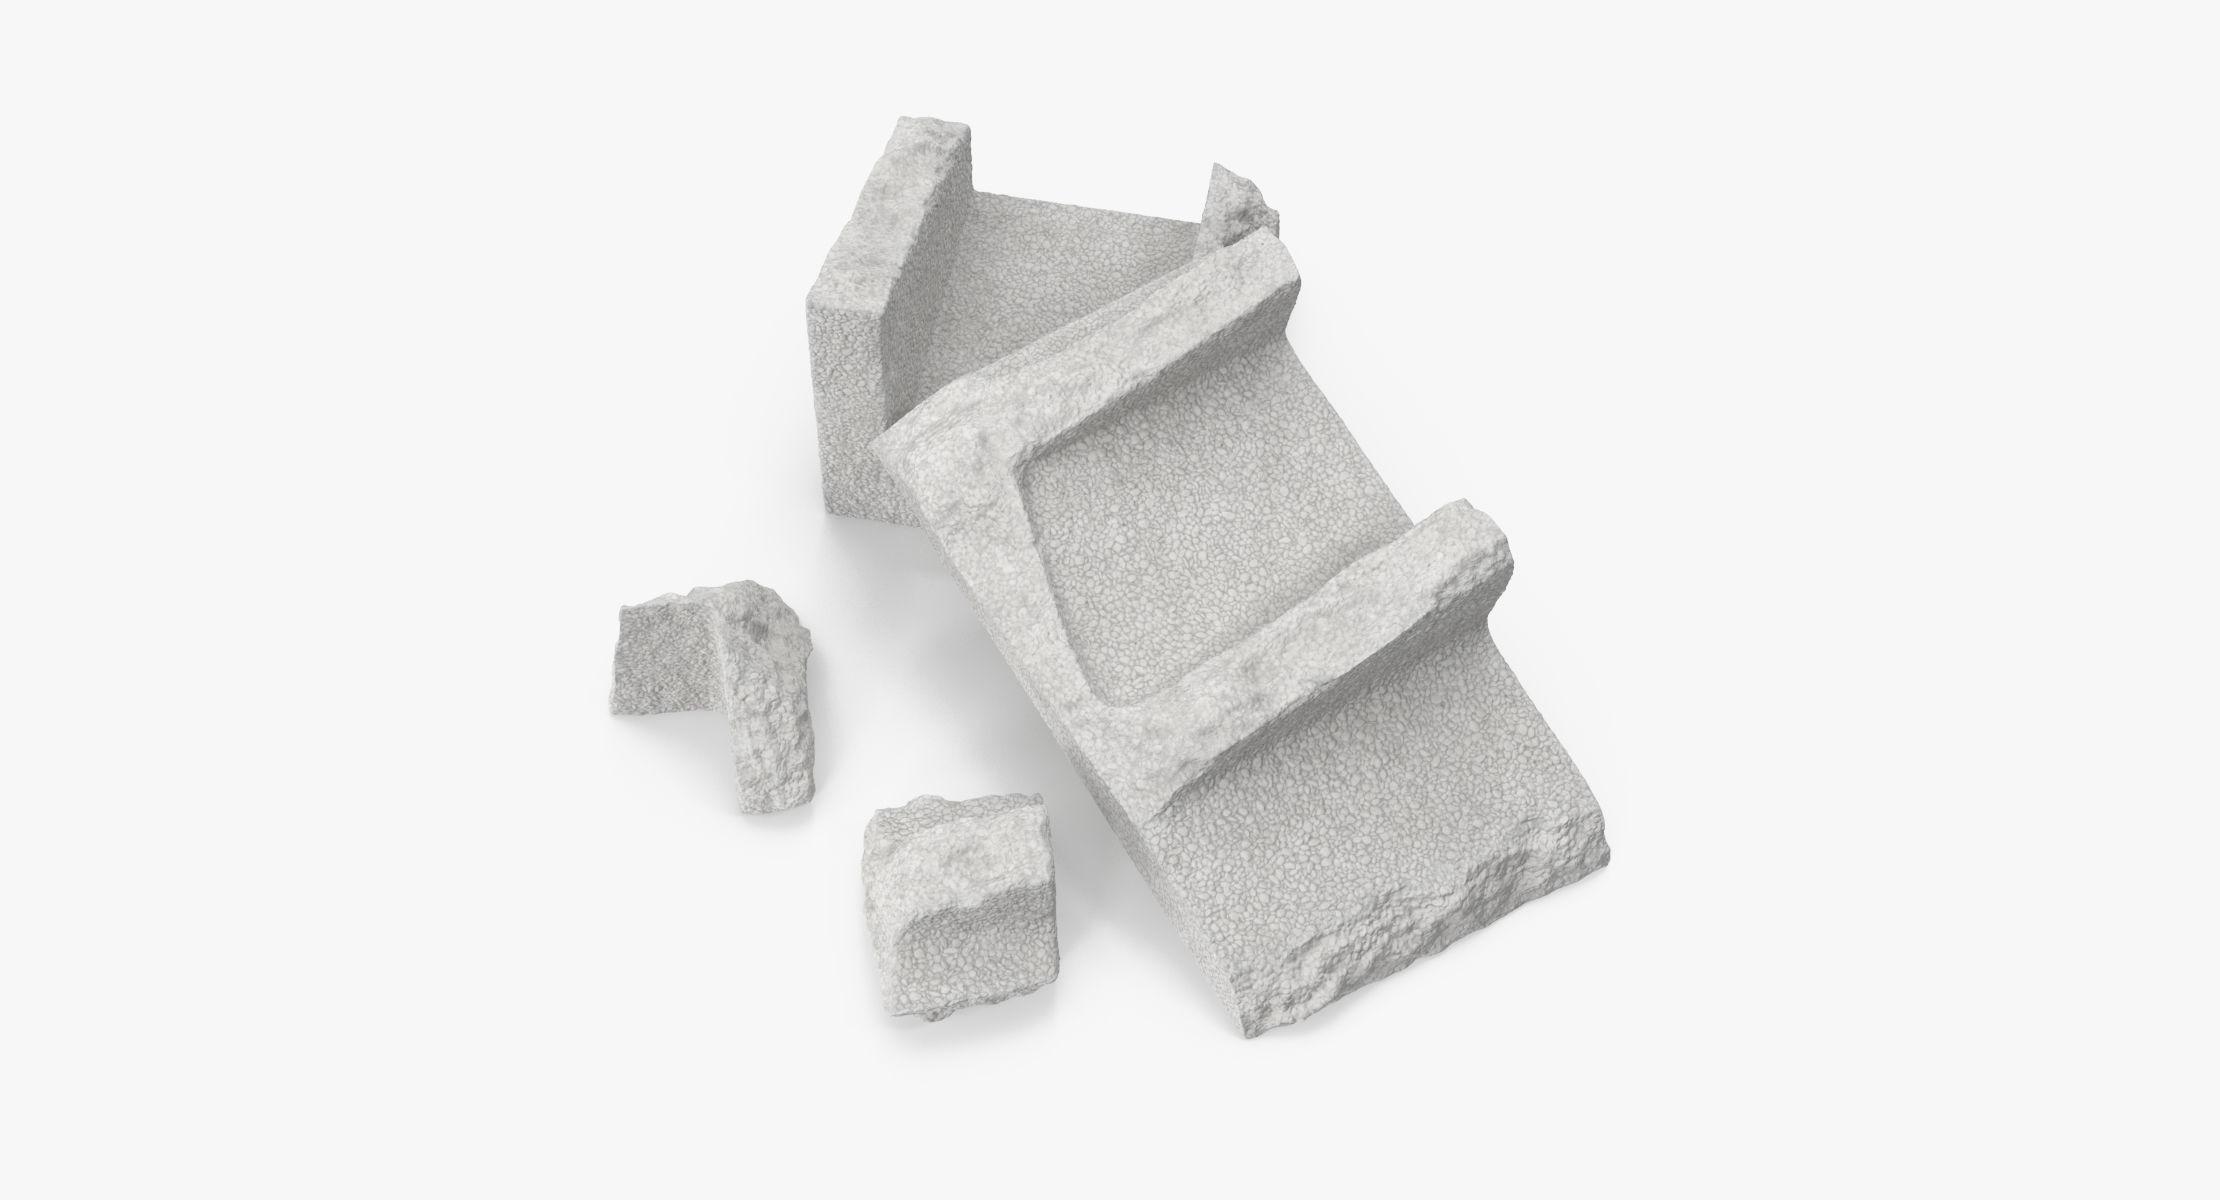 Cinder Block Broken 02 - reel 1